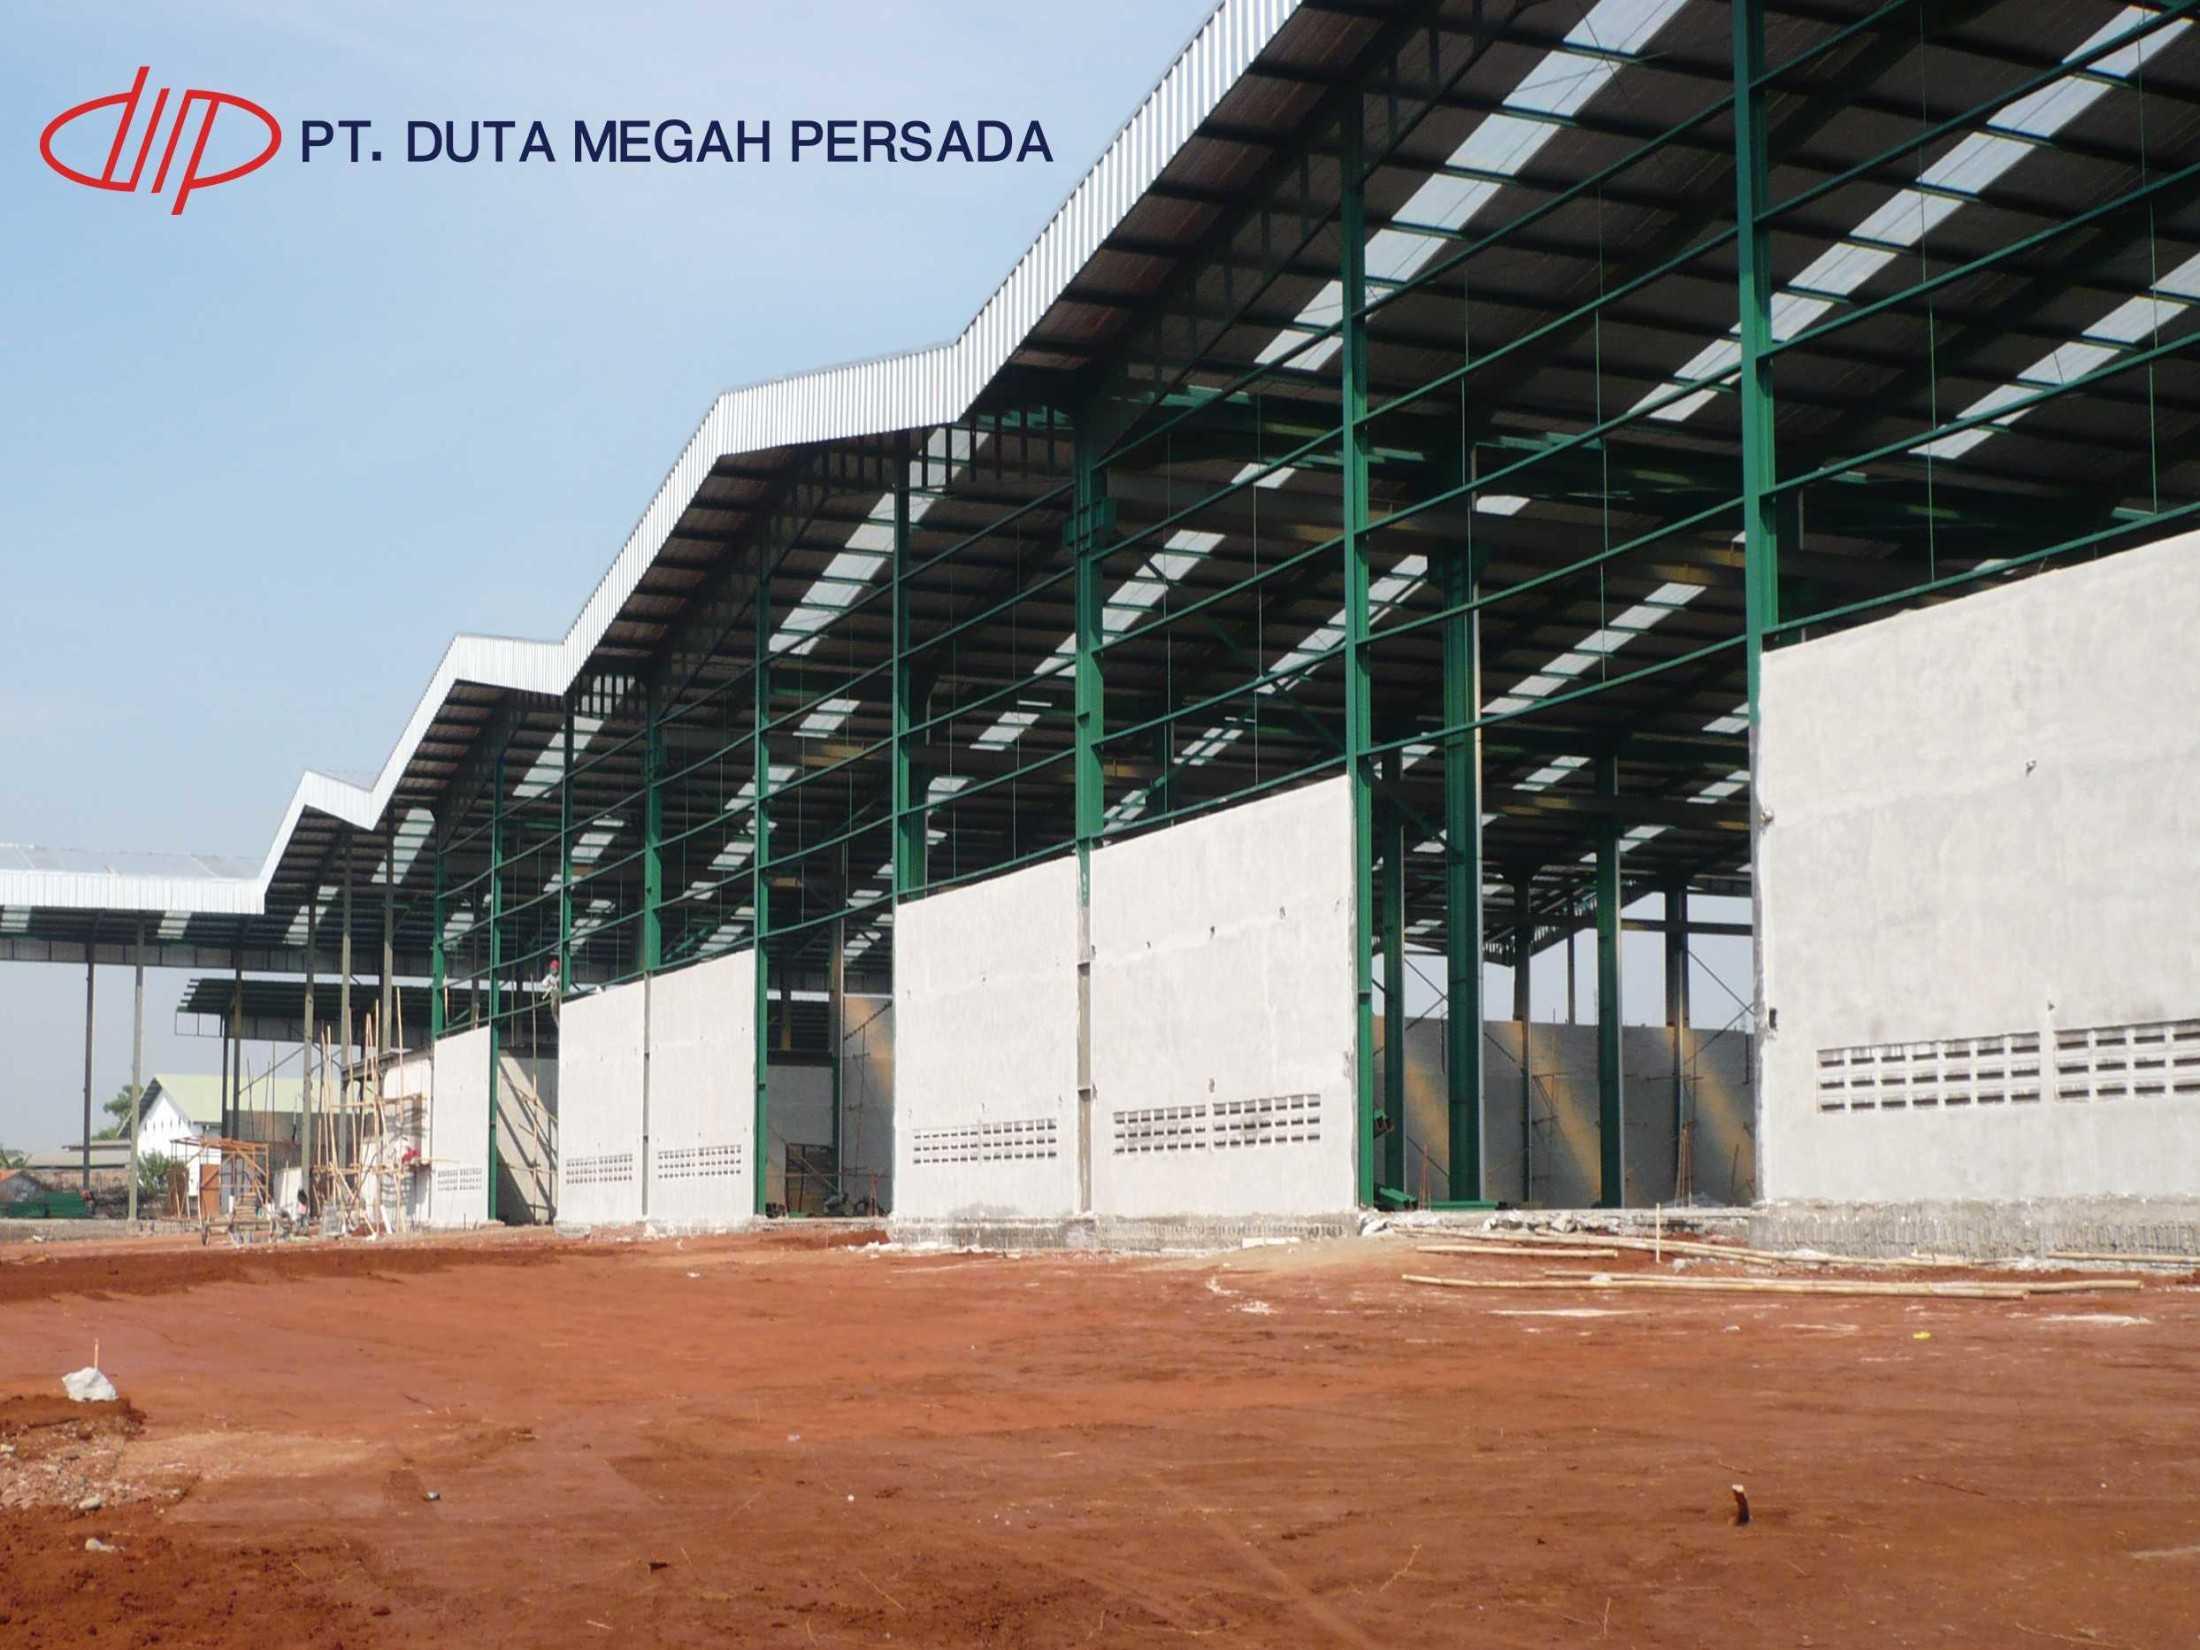 Pt. Duta Megah Persada Bangunan Gudang Kantor Bogor, Jawa Barat, Indonesia Bogor, Jawa Barat, Indonesia Pt-Duta-Megah-Persada-Konstruksi-Baja-Konstruksi-Gudang  102386